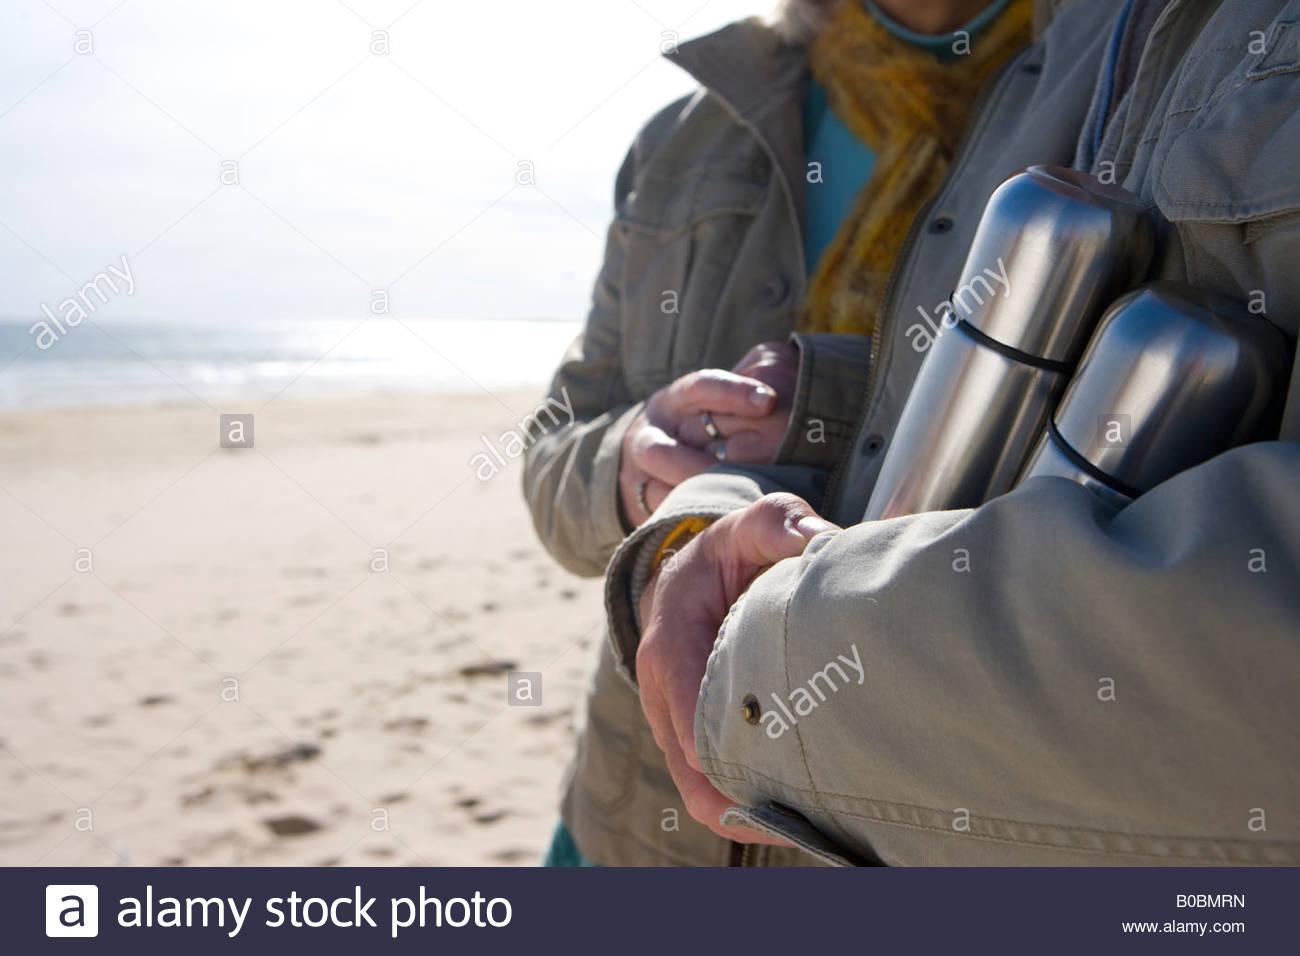 Paar mit isolierten Flaschen am Strand, Mittelteil Stockbild